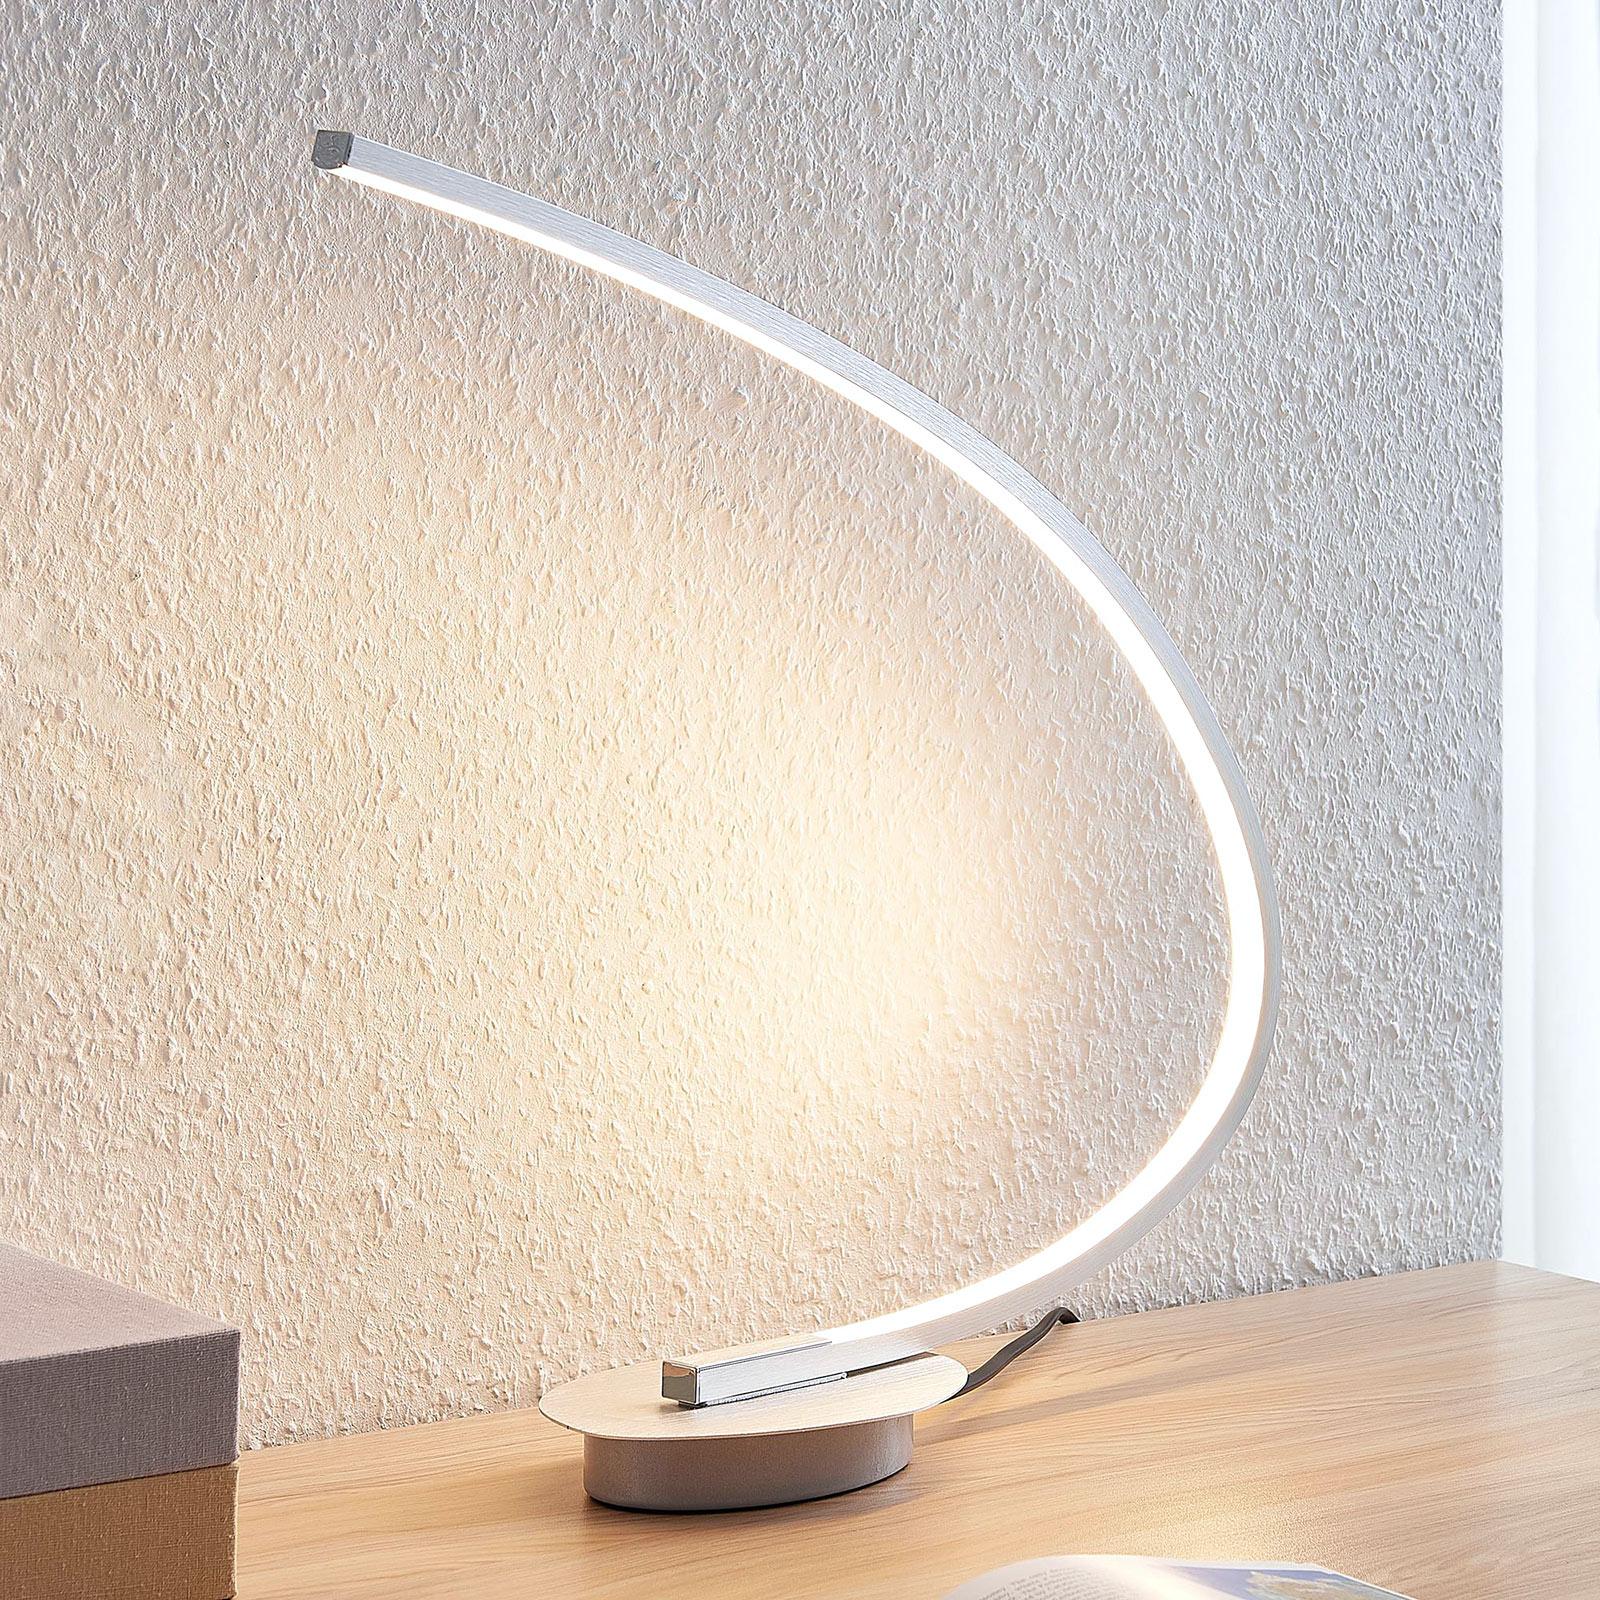 Stolní LED svítidlo Nalevi, obloukovité, stříbro